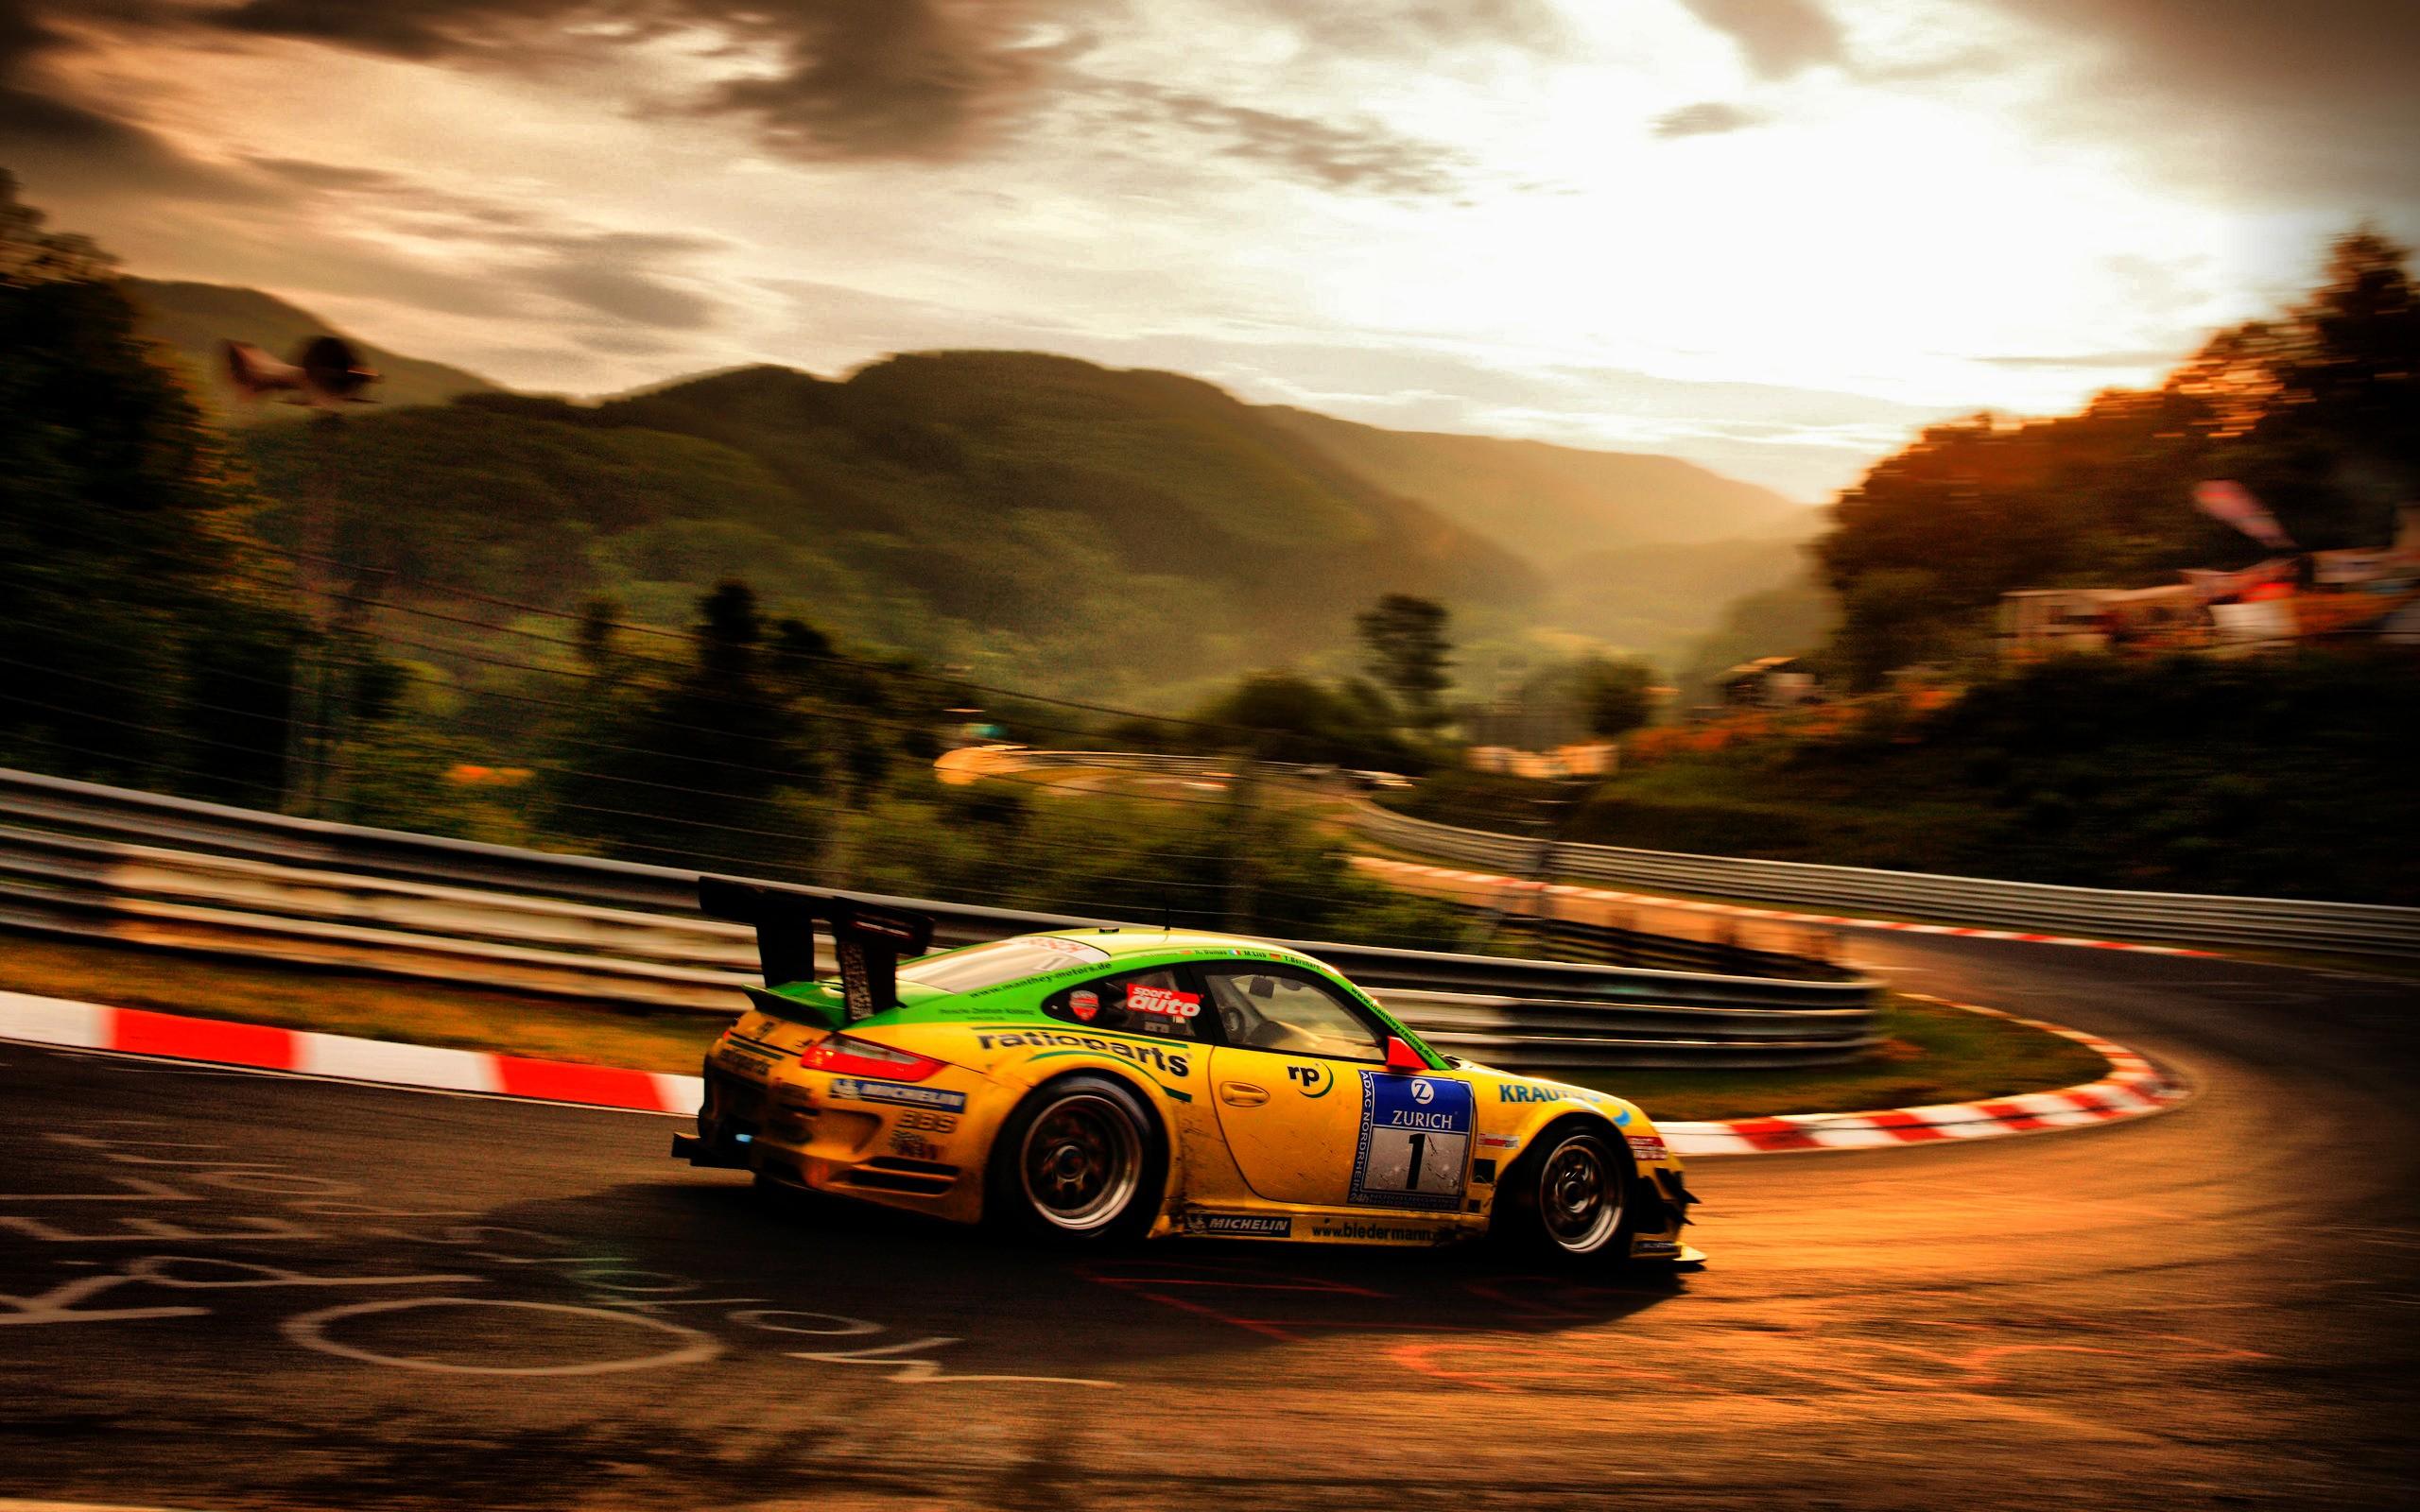 Porsche 911 gt3 HD Wallpapers Best Wallpapers FanDownload 2560x1600